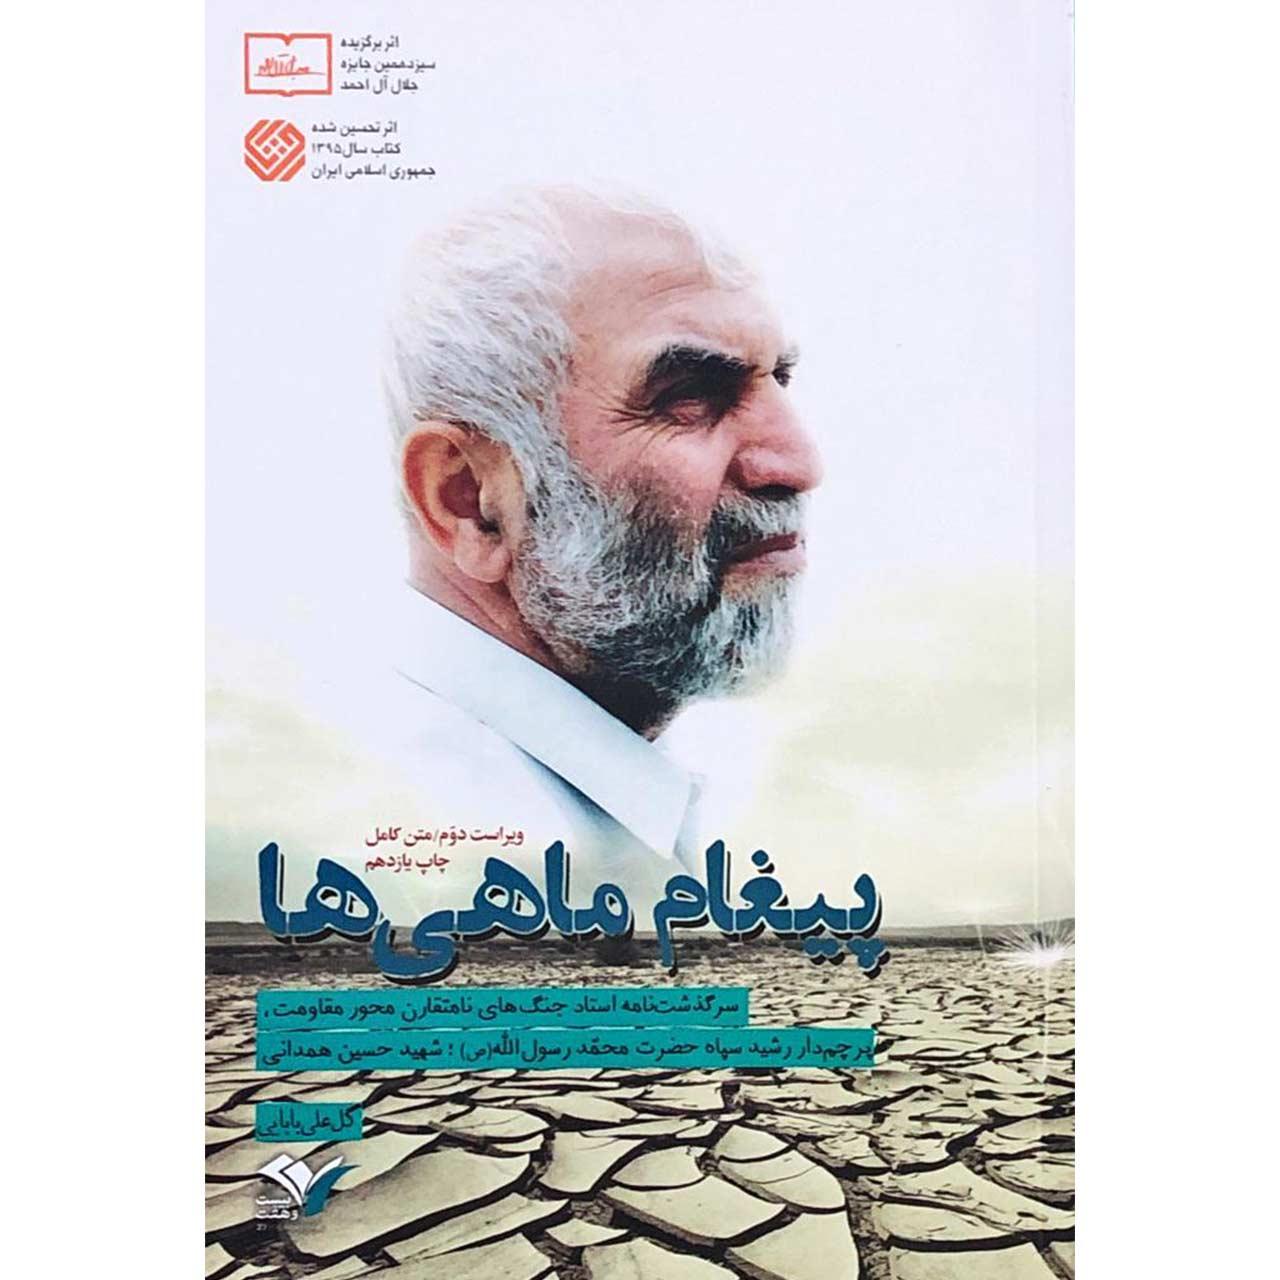 خرید                      کتاب پیغام ماهی ها: سرگذشت نامه سردار شهید حسین همدانی - اثر گل علی بابایی